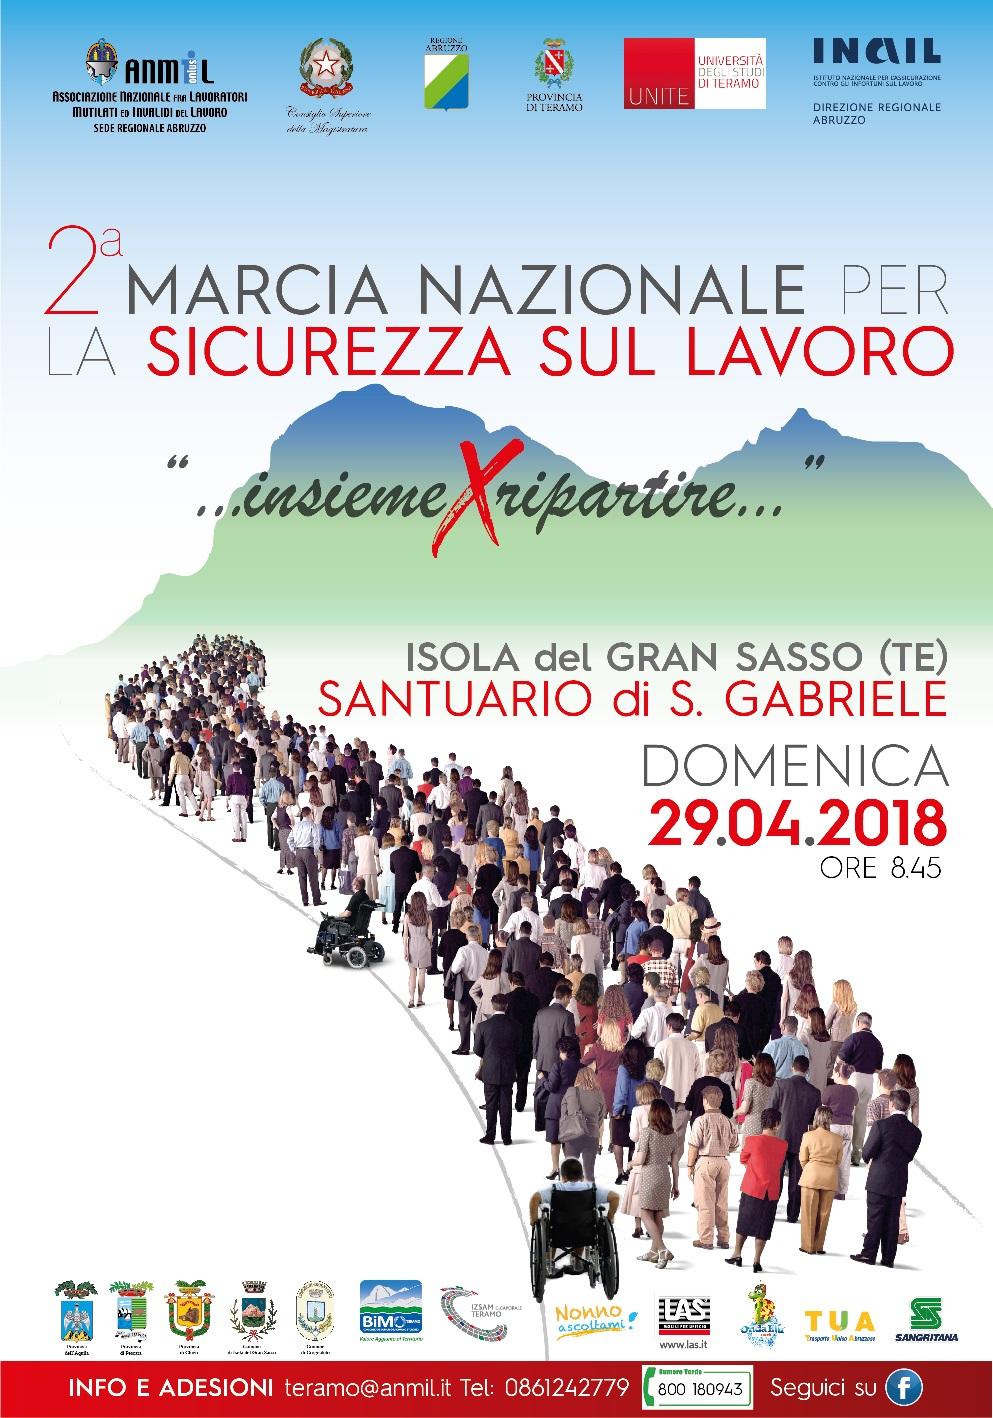 http://www.fondlhs.org/wp-content/uploads/2018/04/Locandina_Marcia.jpg